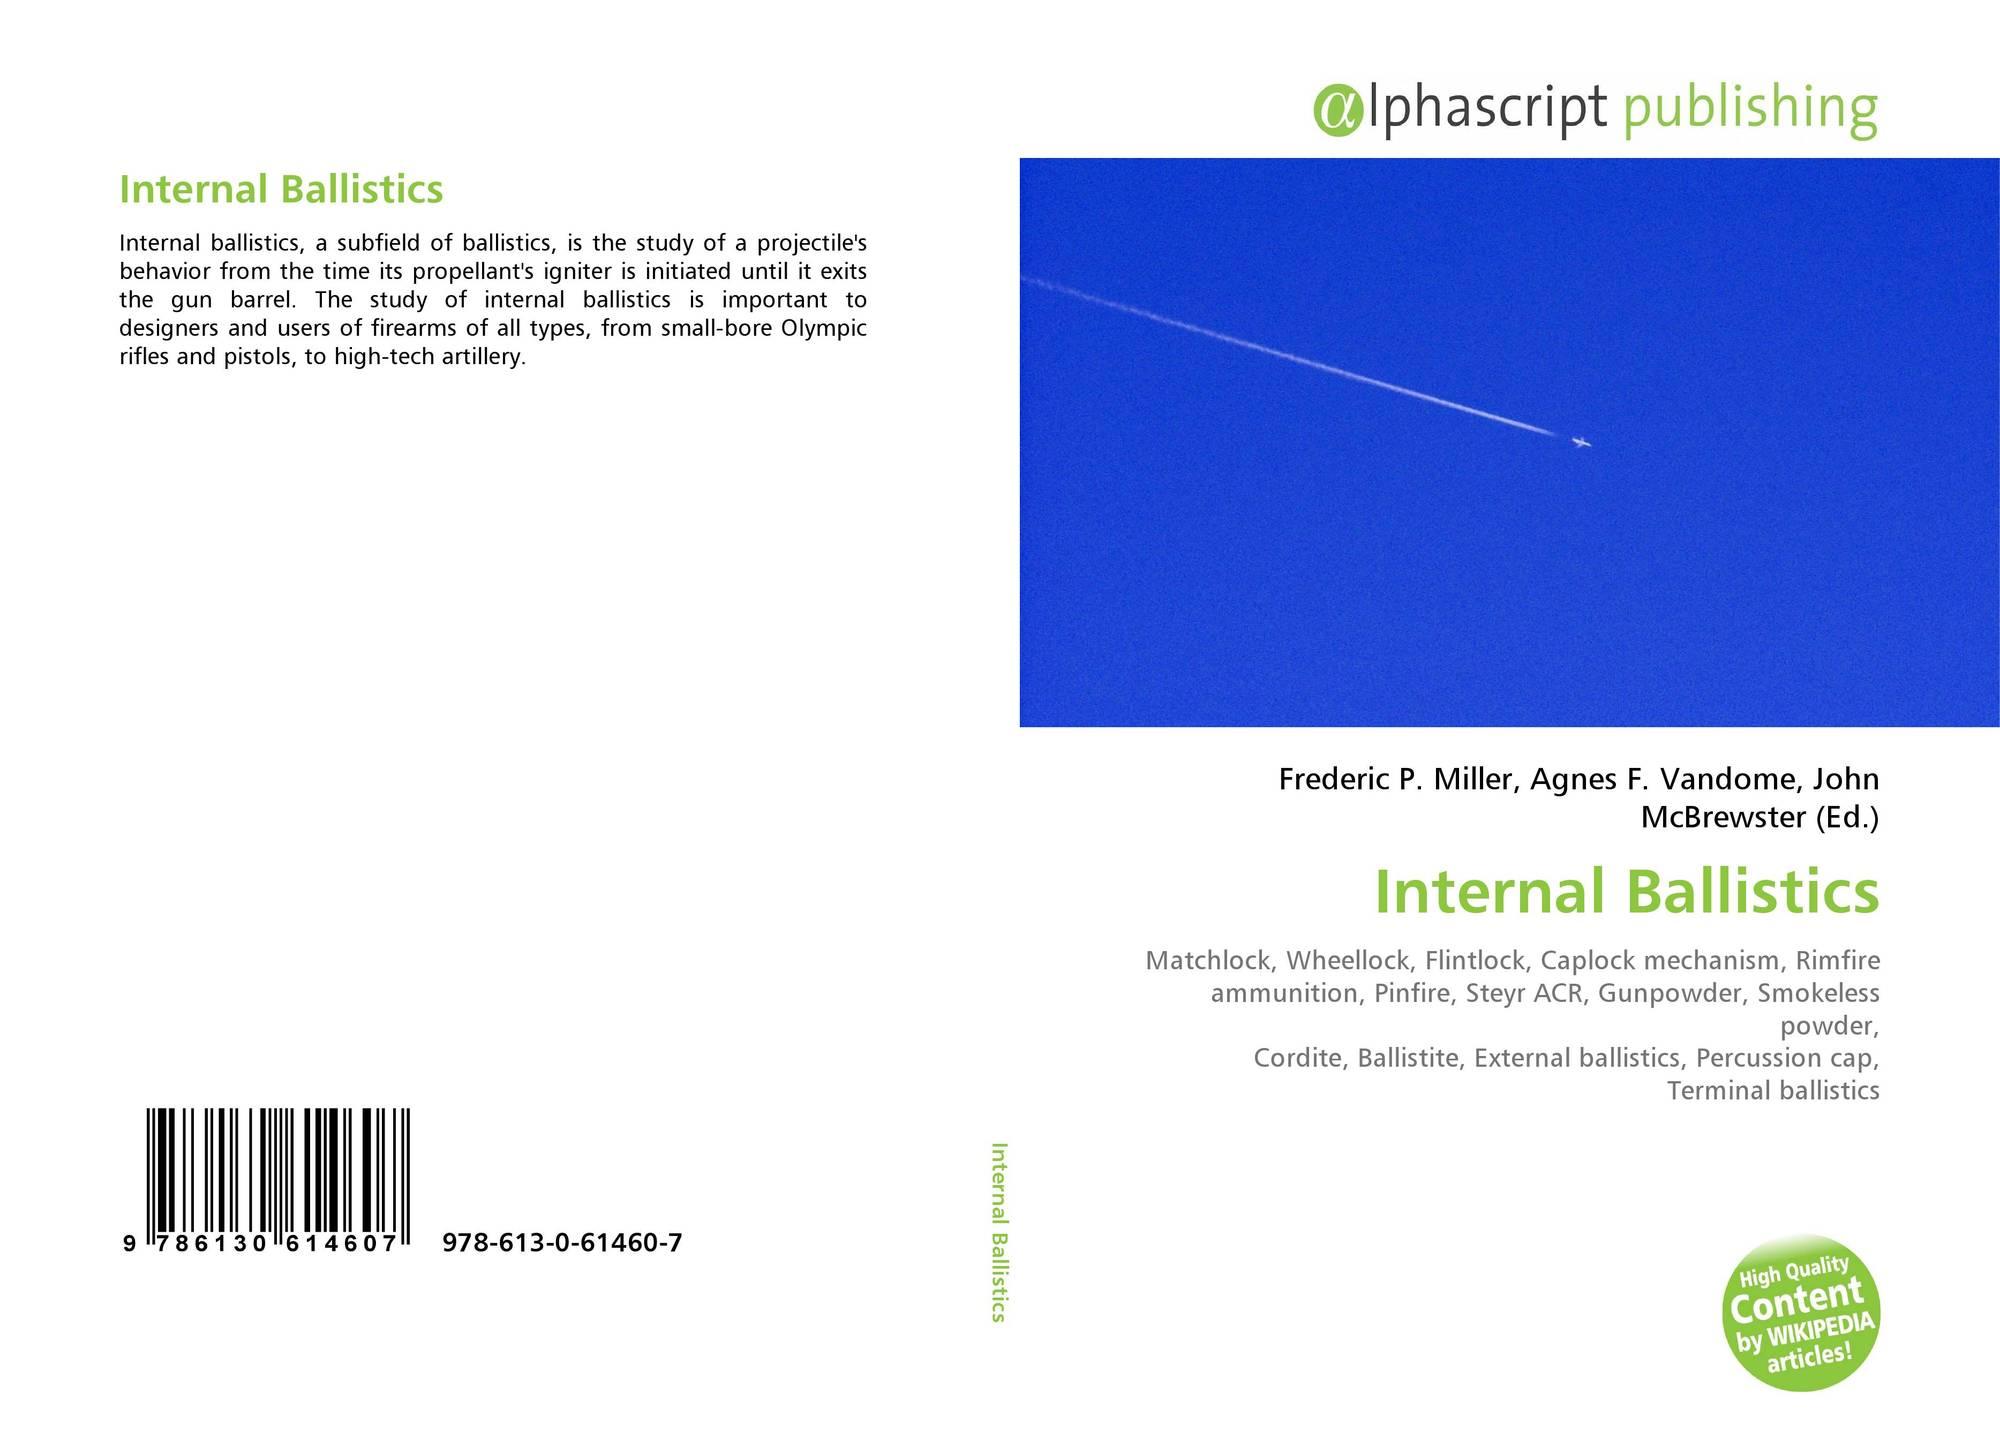 Internal Ballistics, 978-613-0-61460-7, 6130614608 ,9786130614607